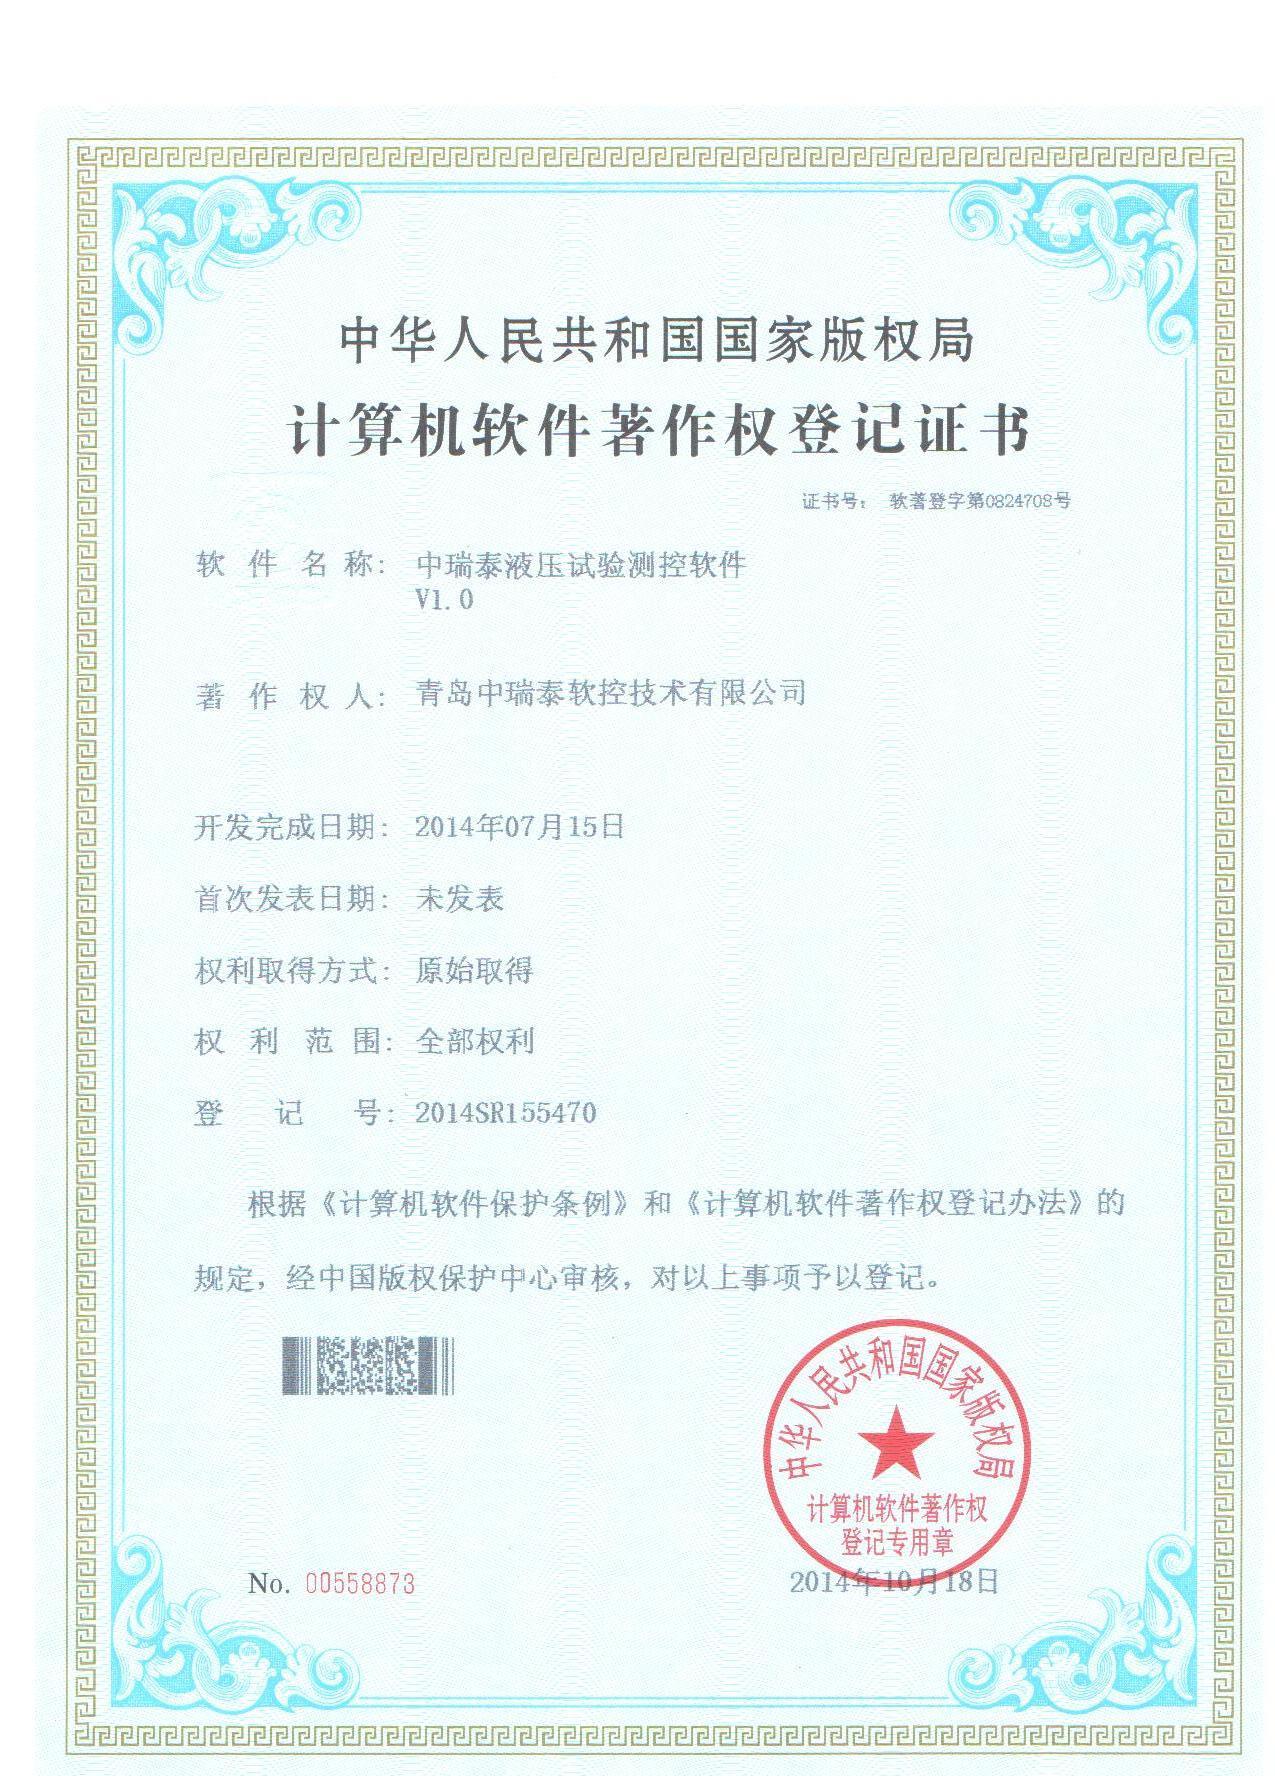 软件著作权登记证书-中瑞泰液压试验测控软件V1